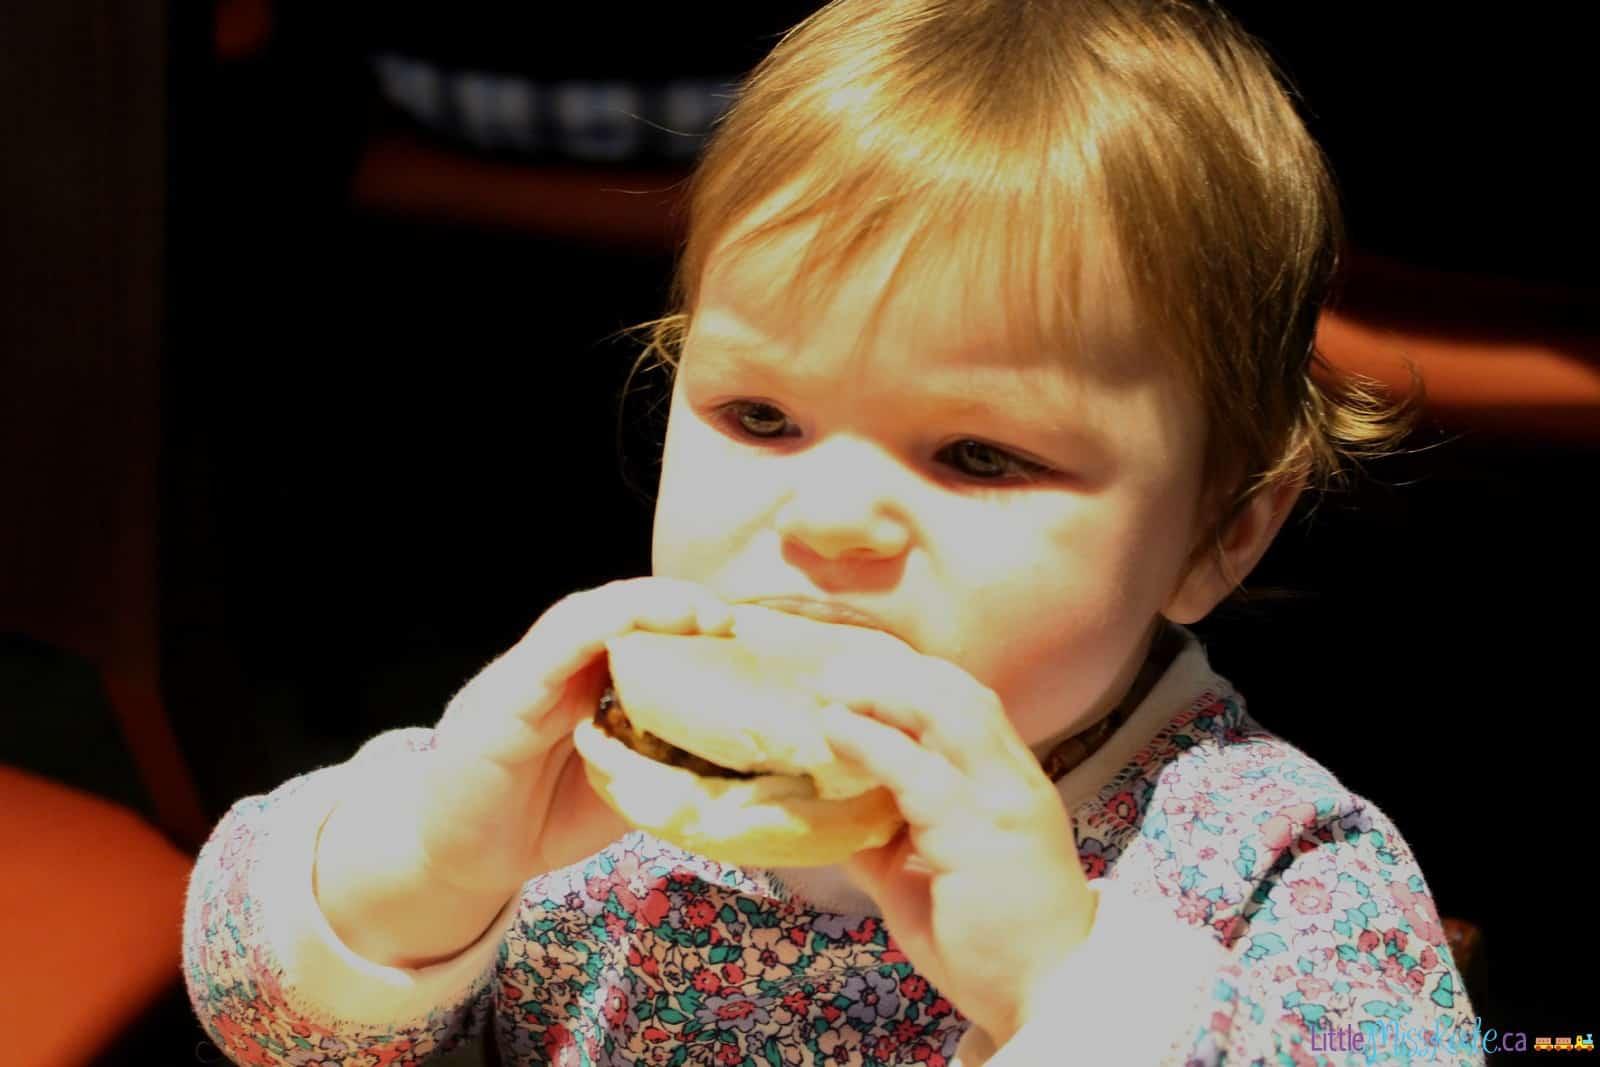 americana waterpark resort boston pizza niagara falls review mini burgers